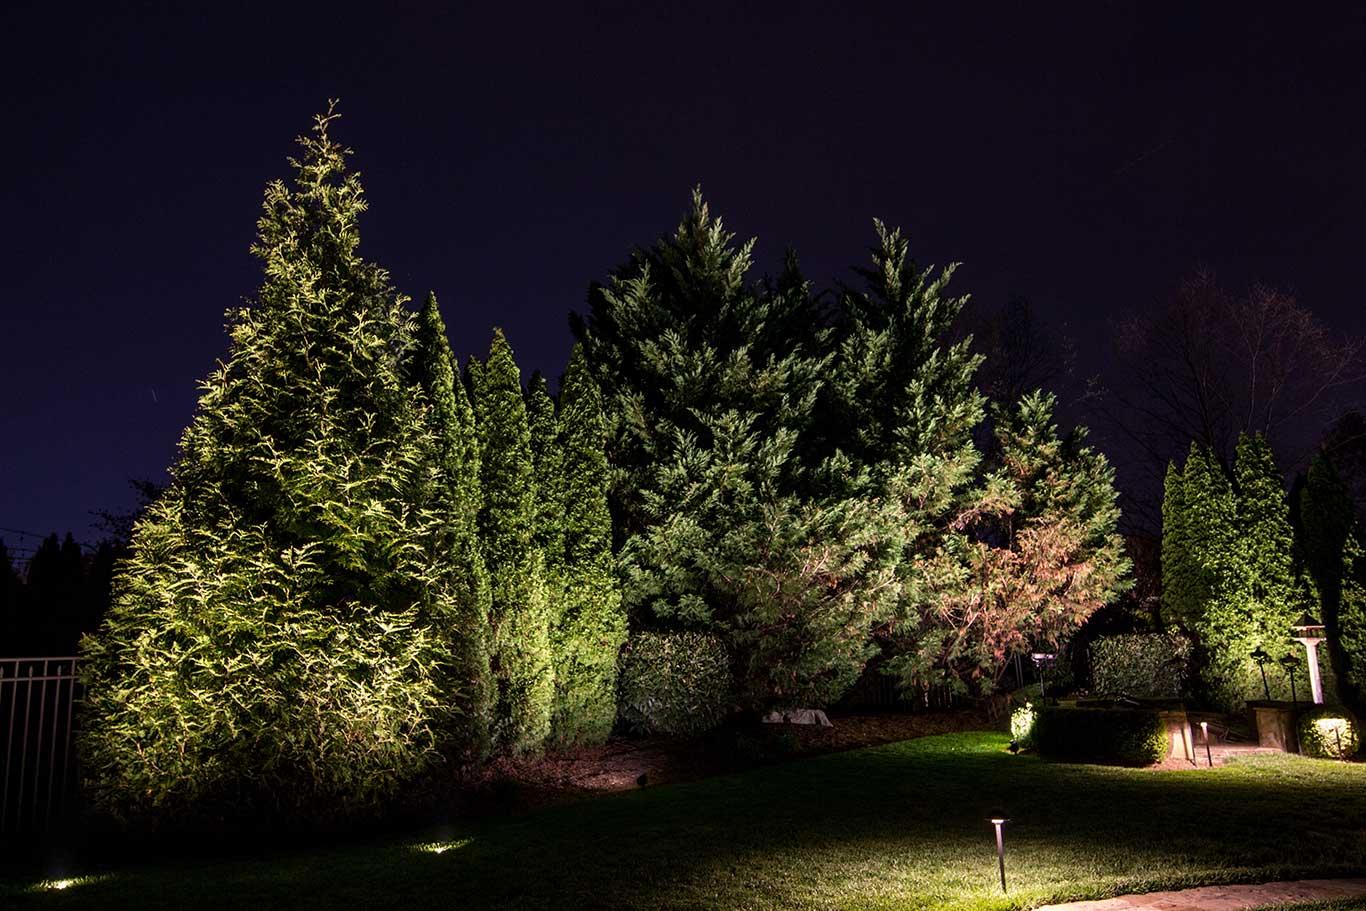 Perimeter lighting